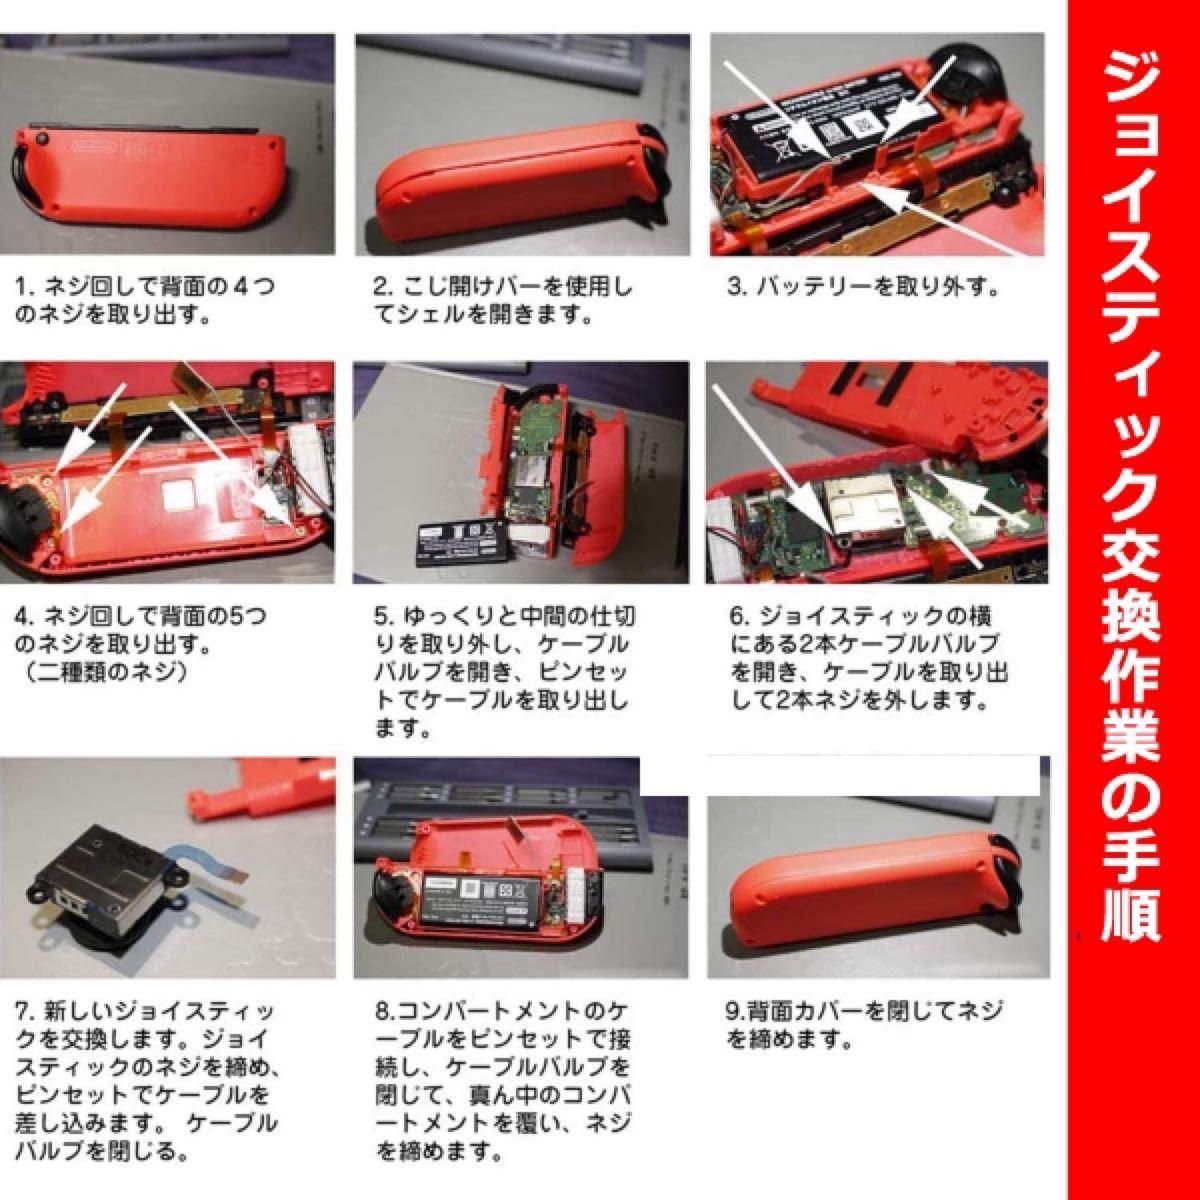 ジョイコン修理キット 任天堂 スイッチ 3Dスティック 交換 19点セット 修理 Nintendo Switch  ジョイコン